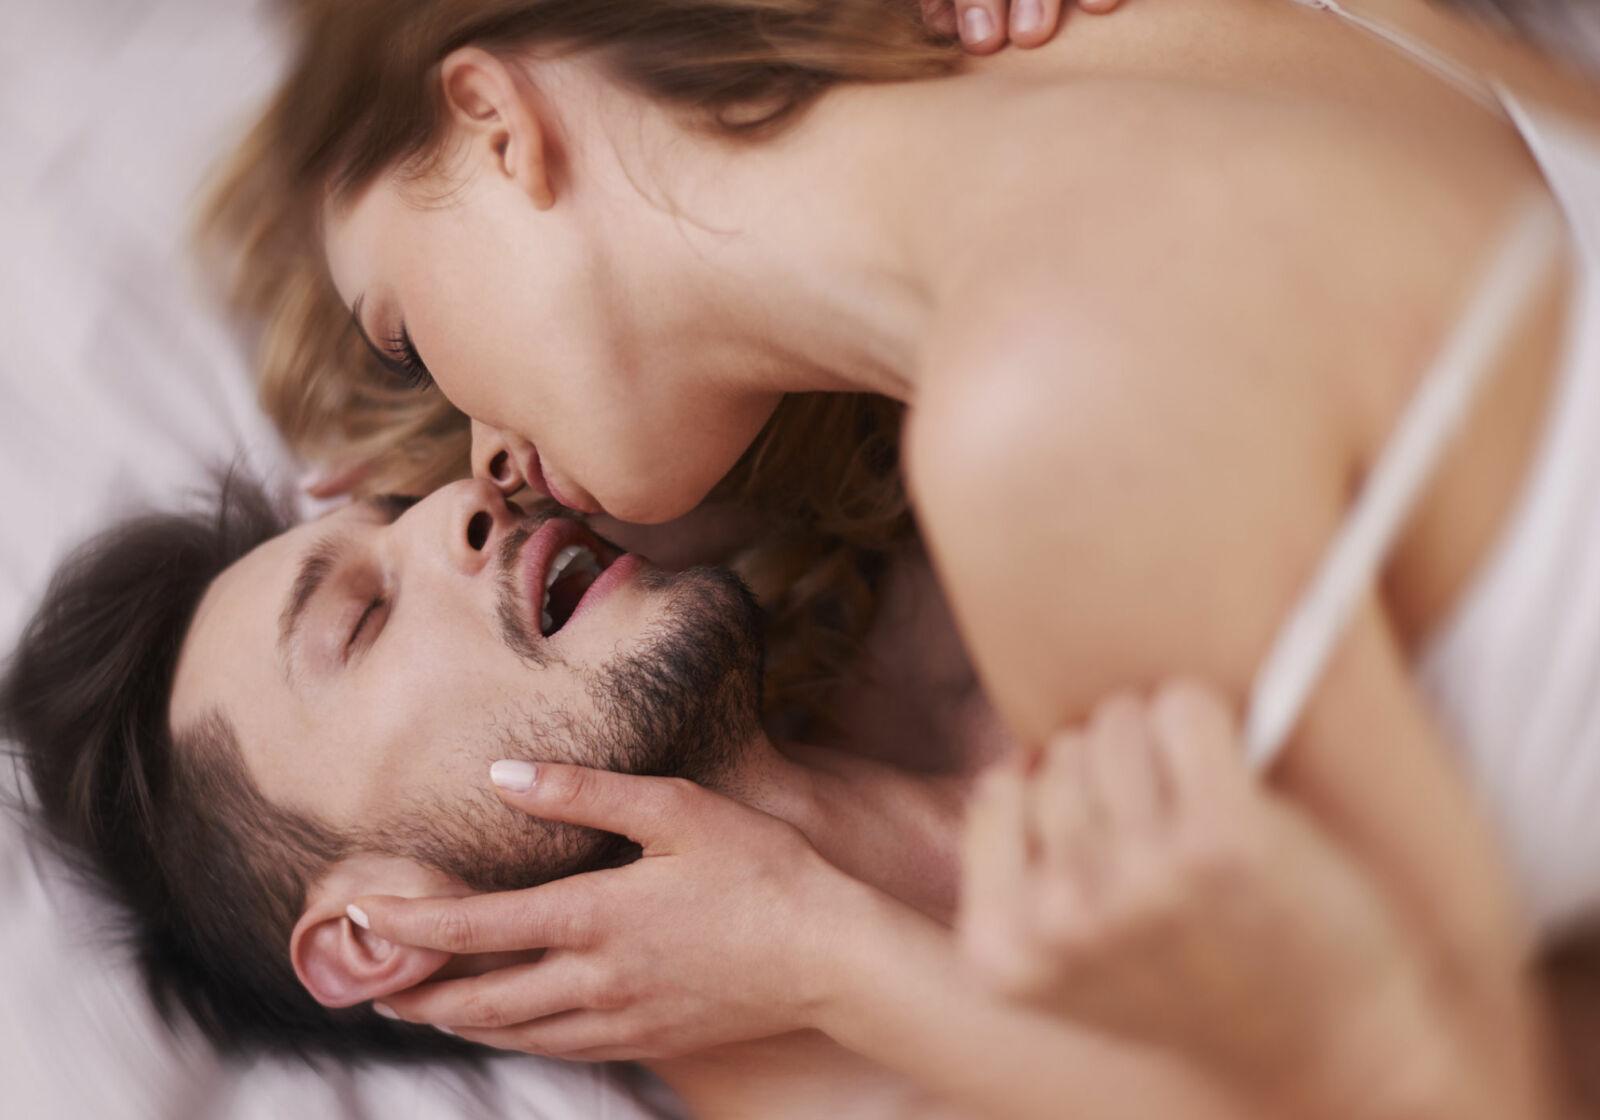 Фото как заниматься сексом в домашних условиях, Двойное удовольствие: 20 лучших секс-поз для обоих 9 фотография